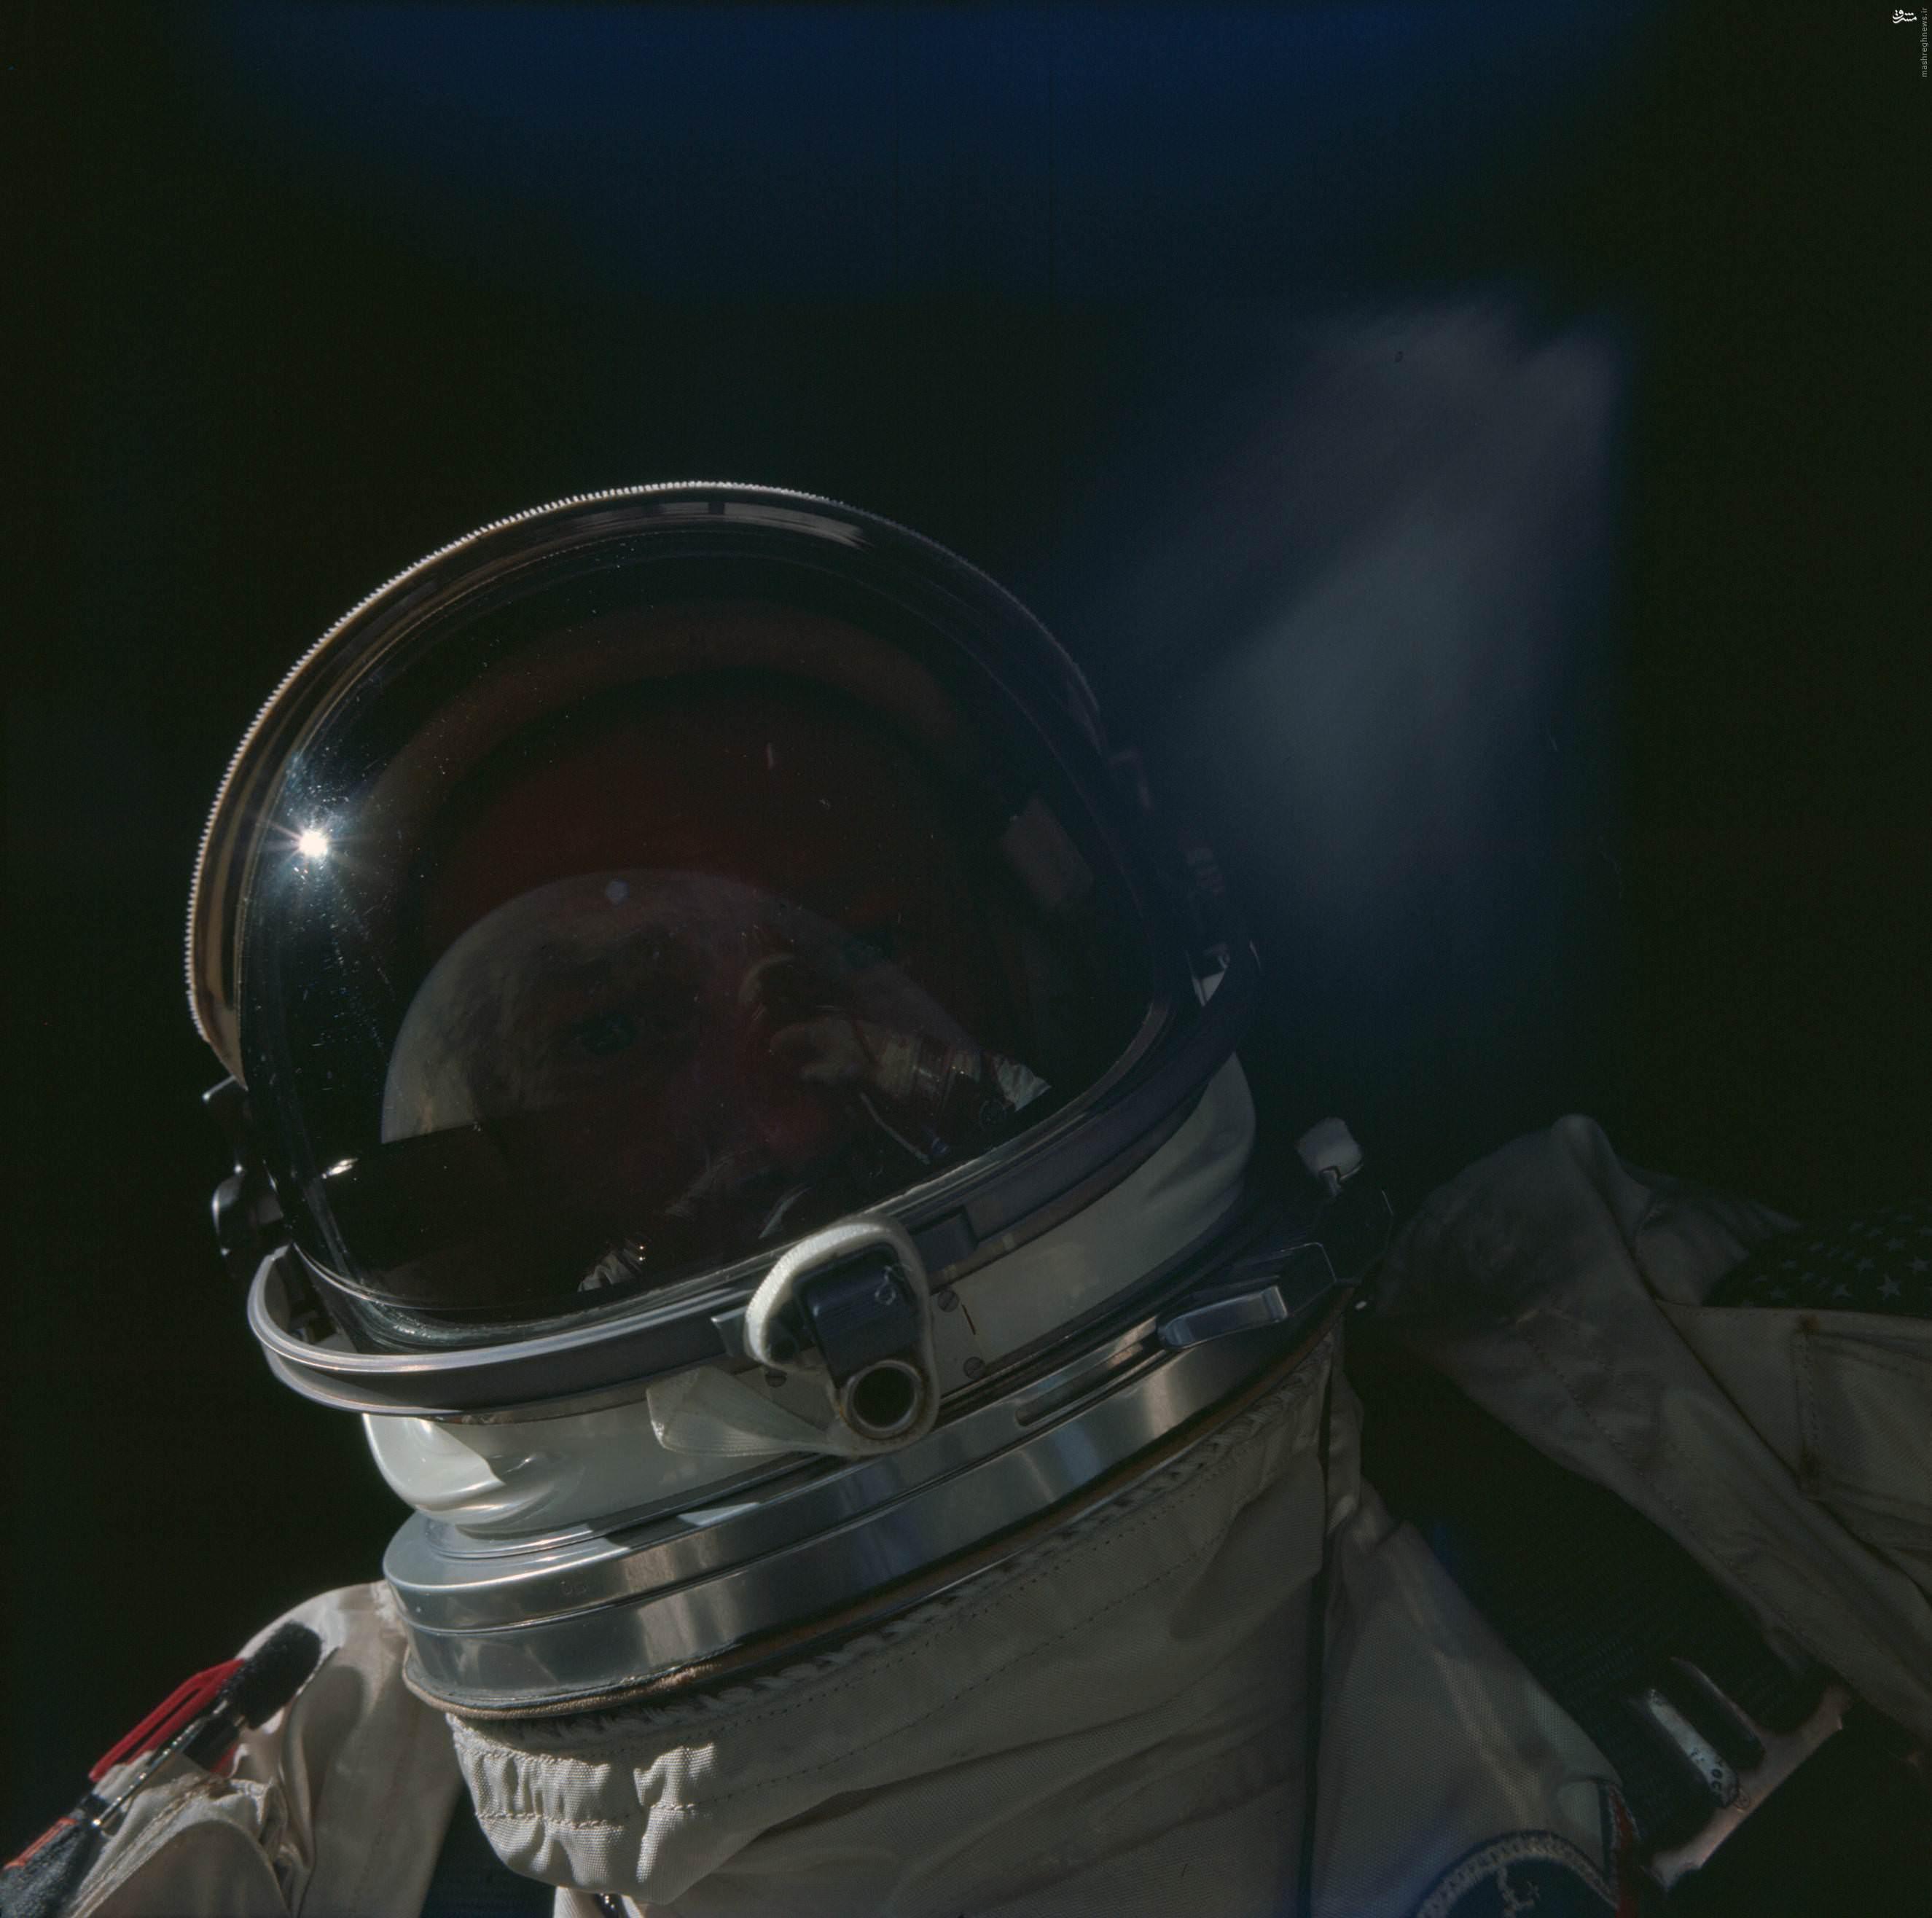 عکس/ یکی از قدیمیترین سلفیهای فضایی